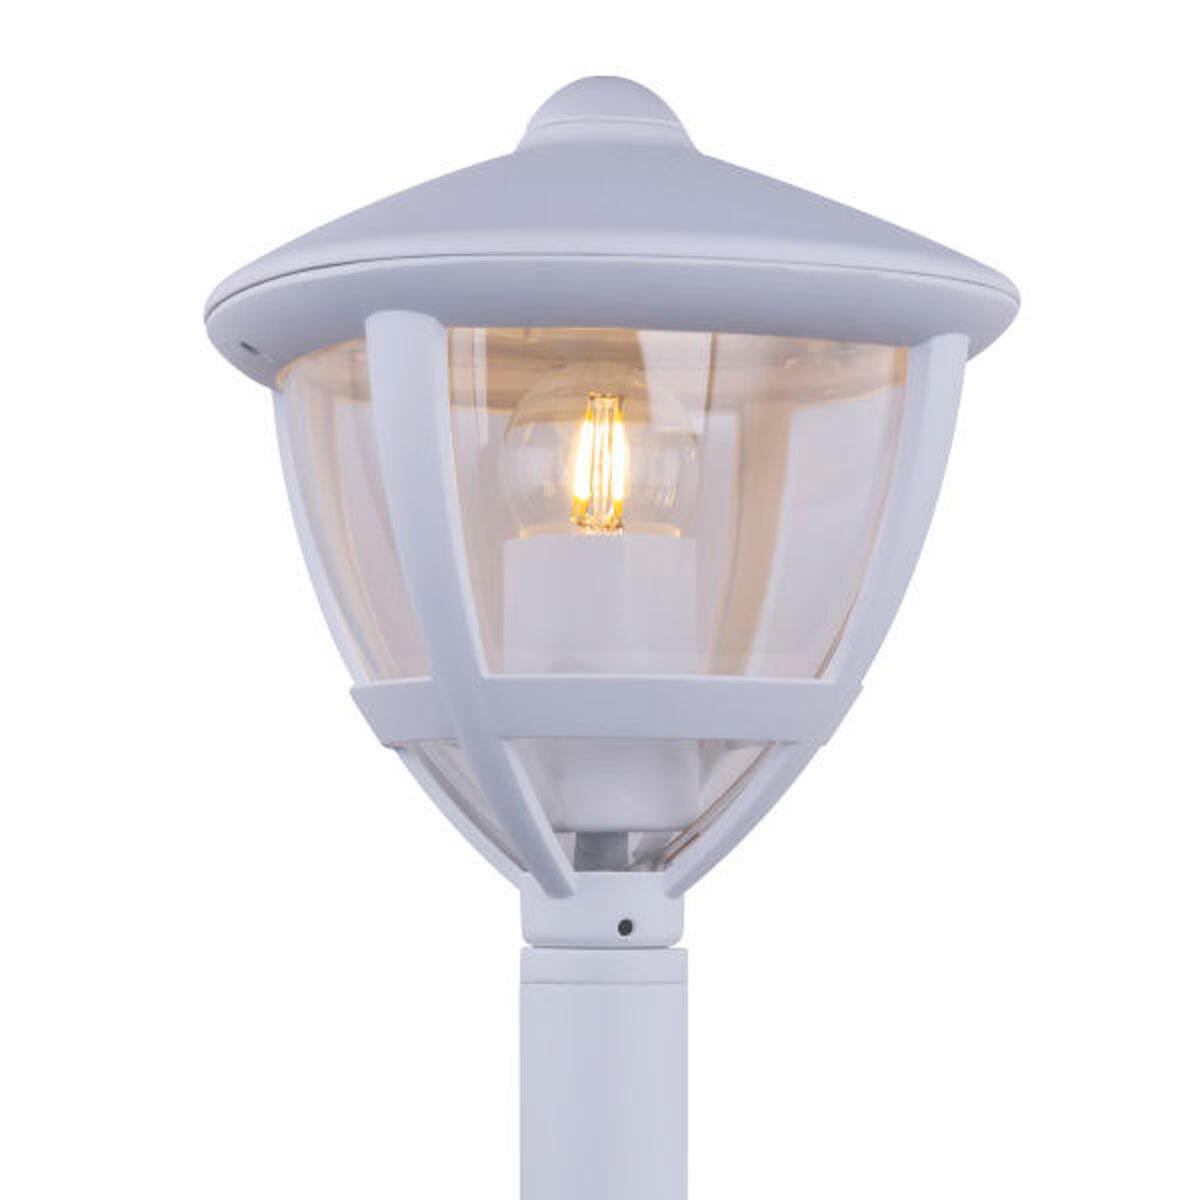 Lampioncino Nollo H50 cm in alluminio, bianco, E27 1x MAX 40W IP44 GLOBO - 3